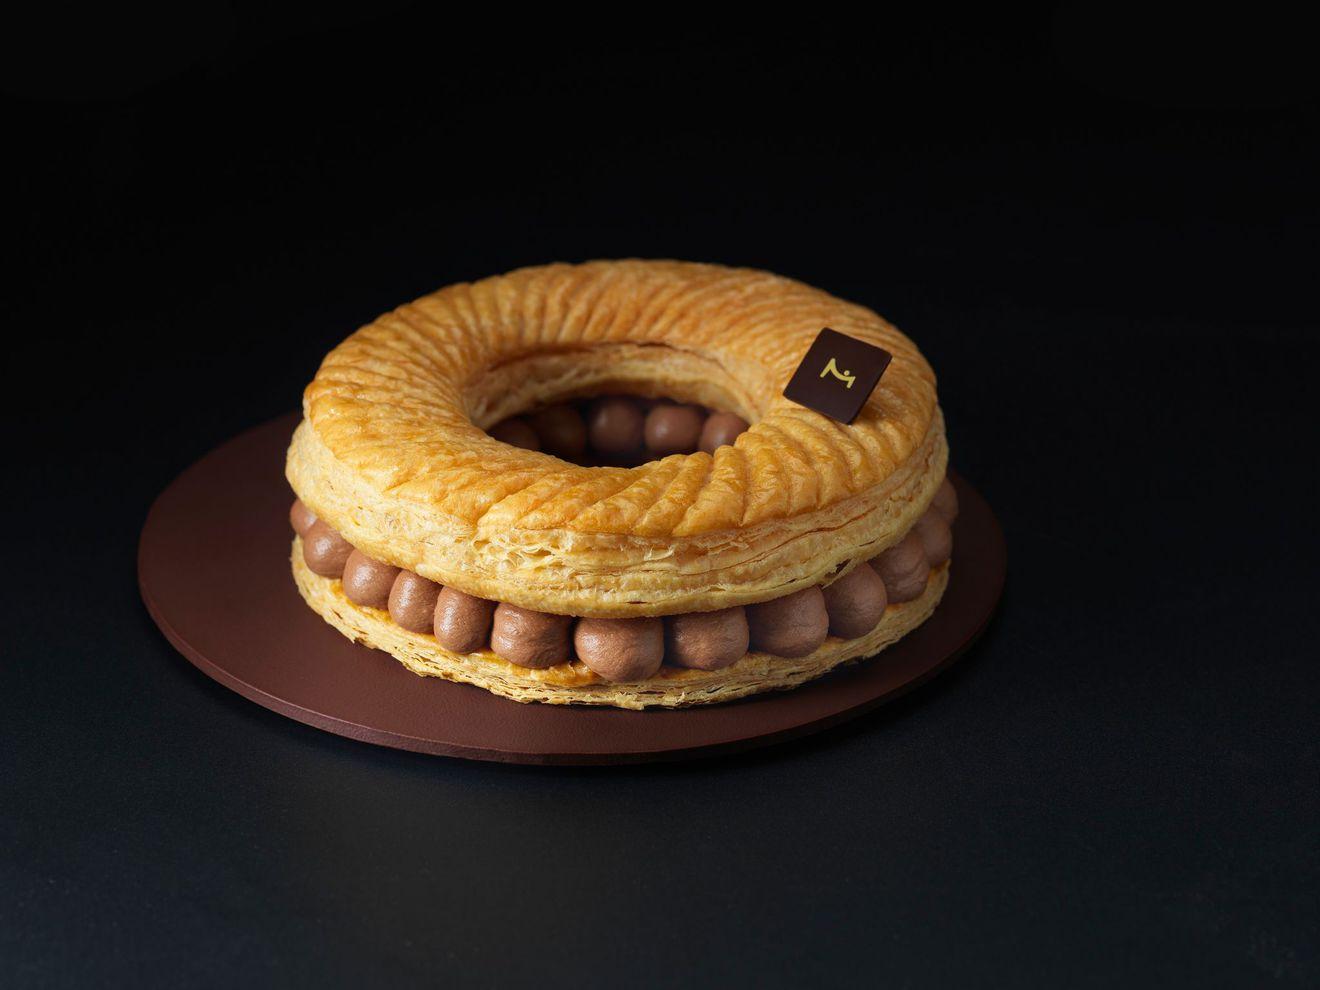 galette-des-rois-la-maison-du-chocolat-2017_5768631.jpg